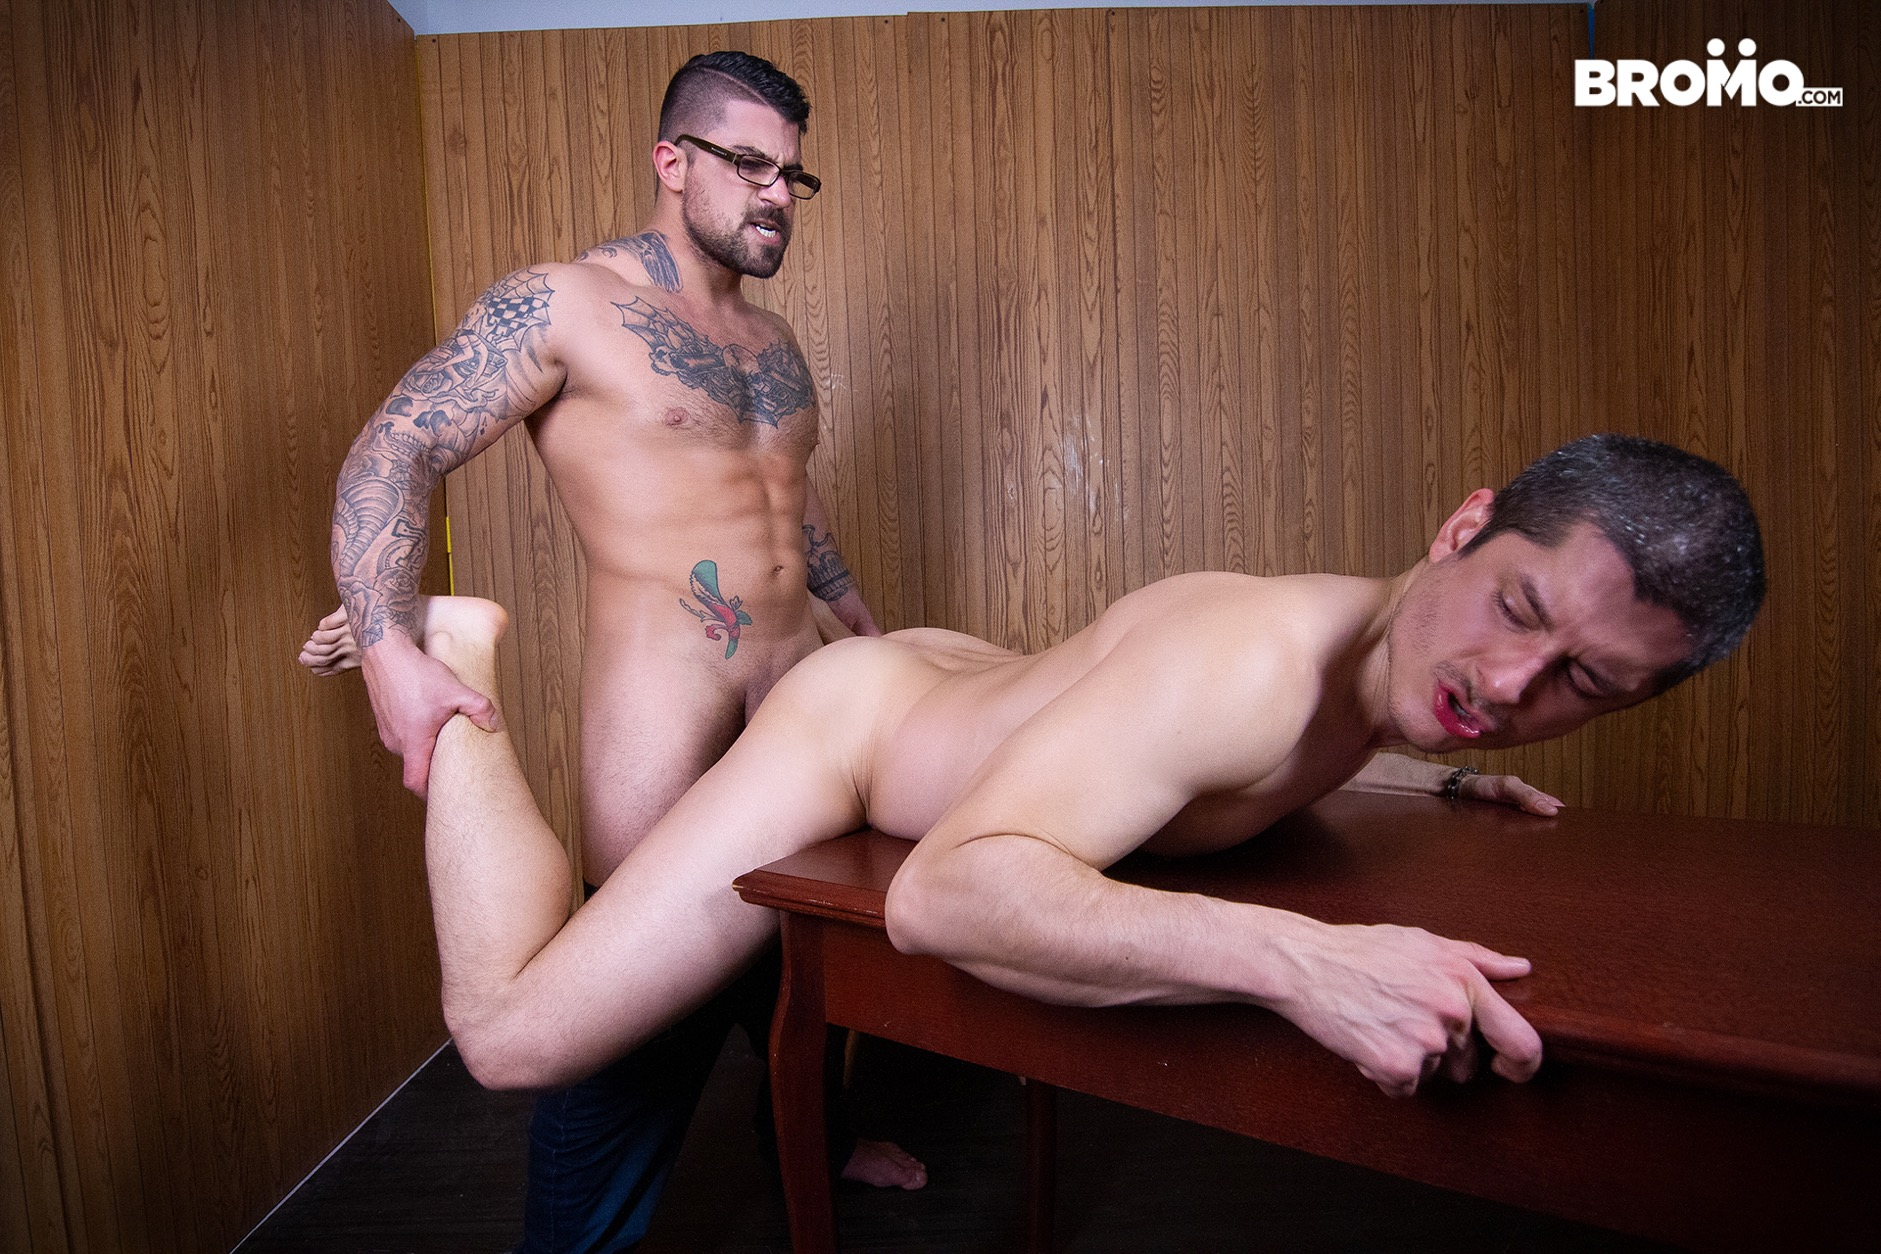 gay bareback sex at Bromo